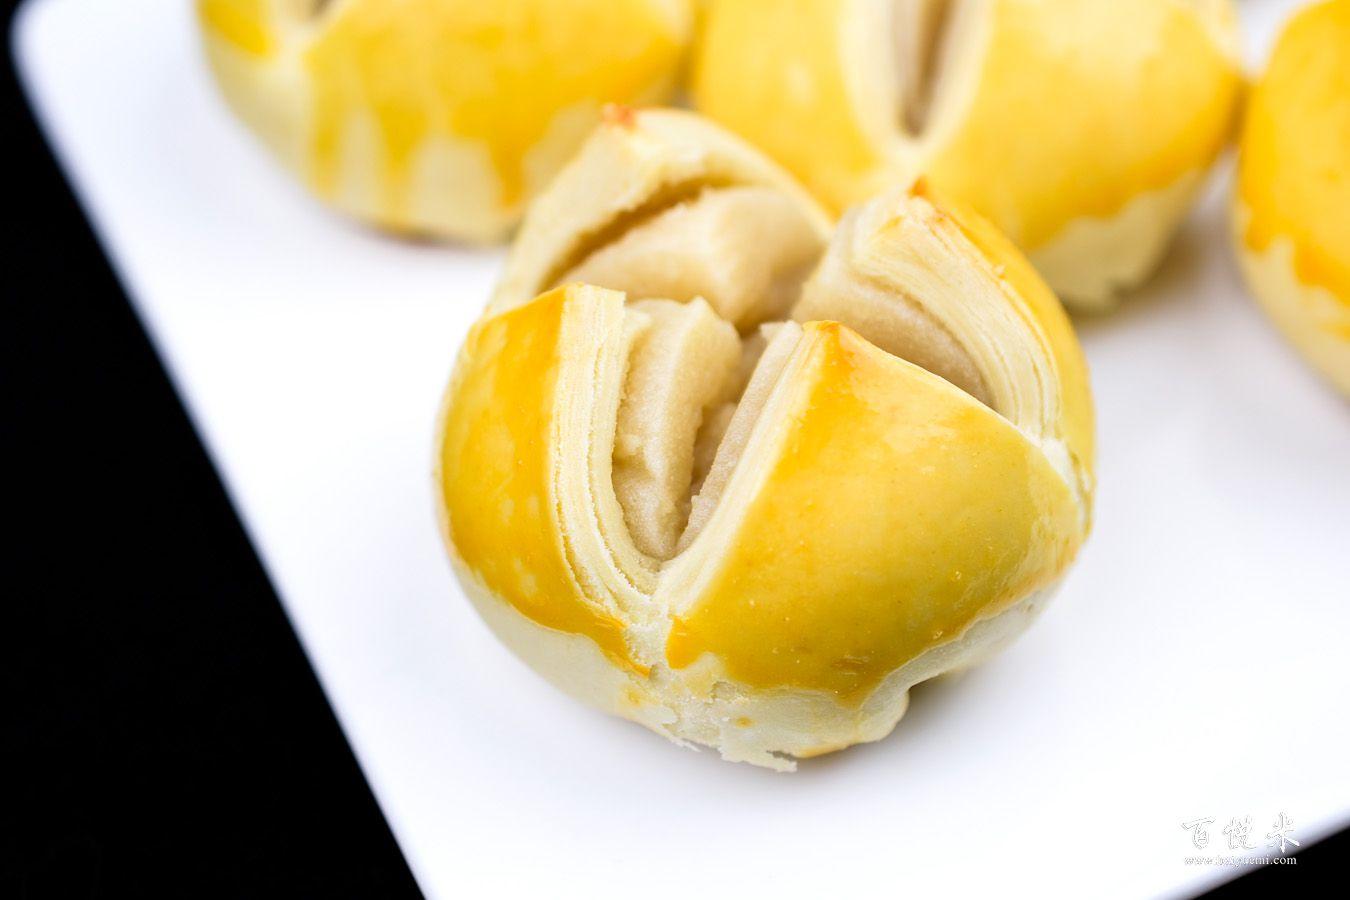 绿豆酥的做法大全,绿豆酥西点培训图文教程分享